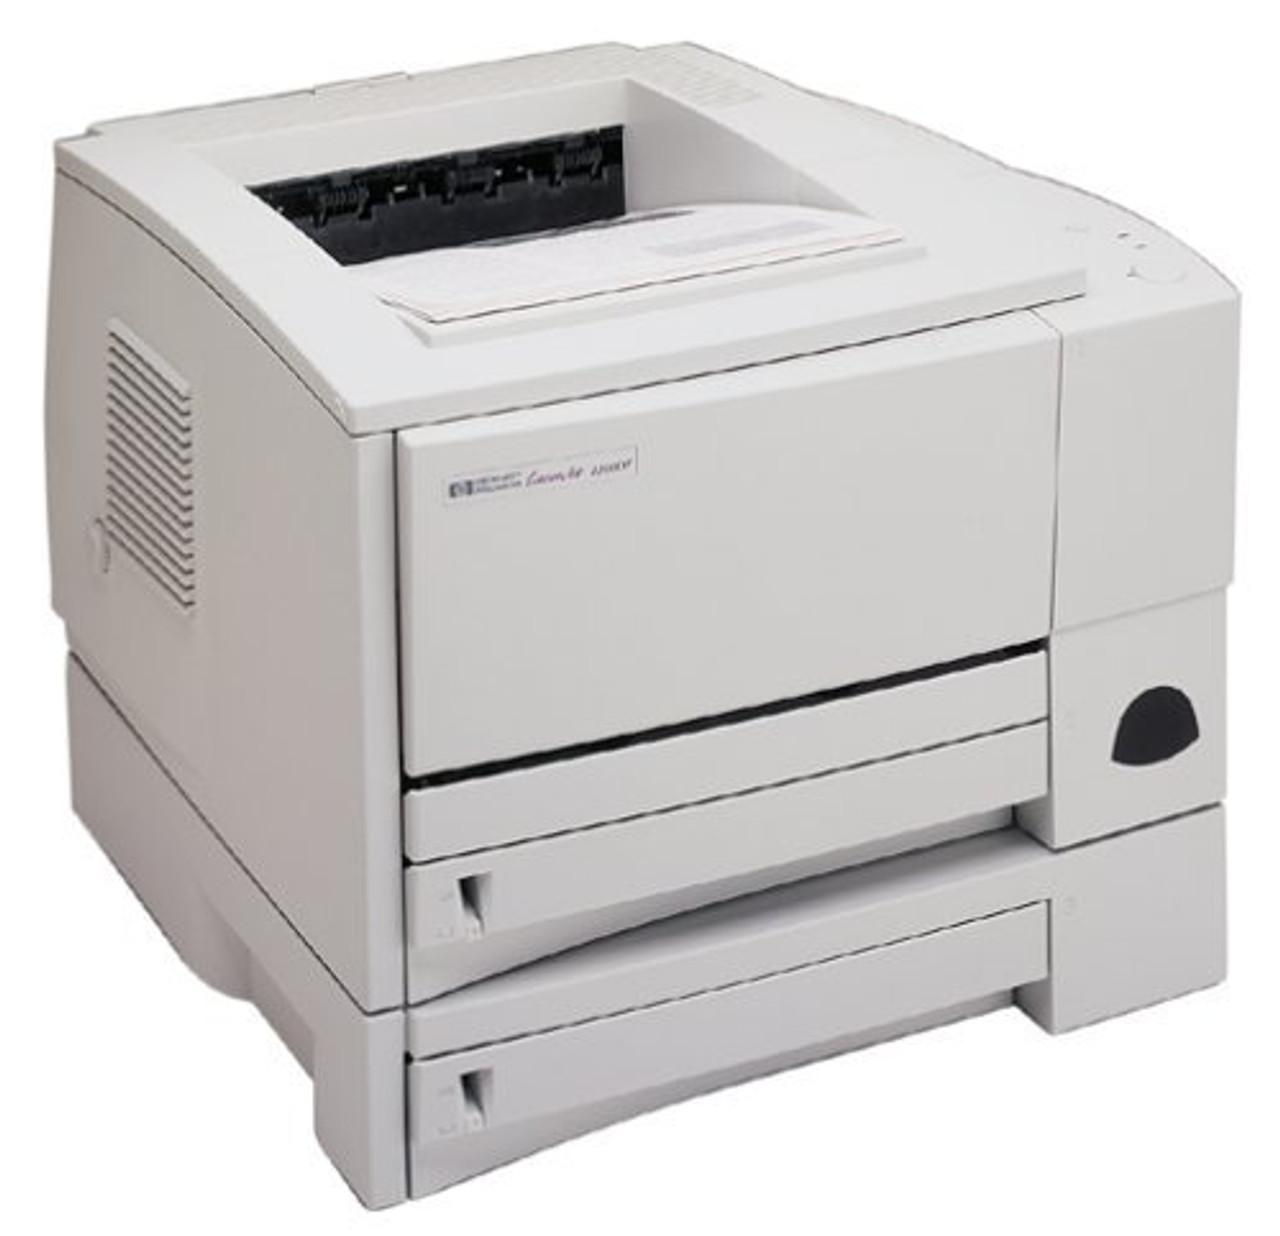 HP LaserJet 2200dtn - C7061A - HP Laser Printer for sale